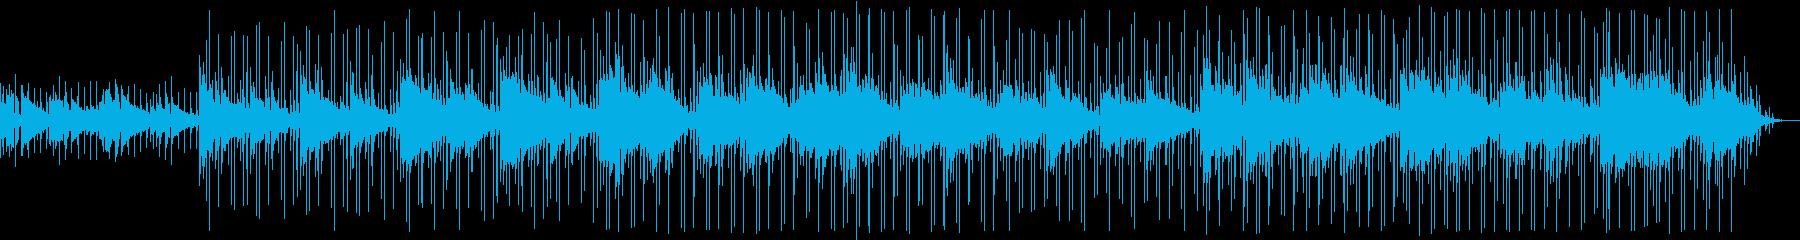 ゆったり爽やかな海のイメージギター曲の再生済みの波形